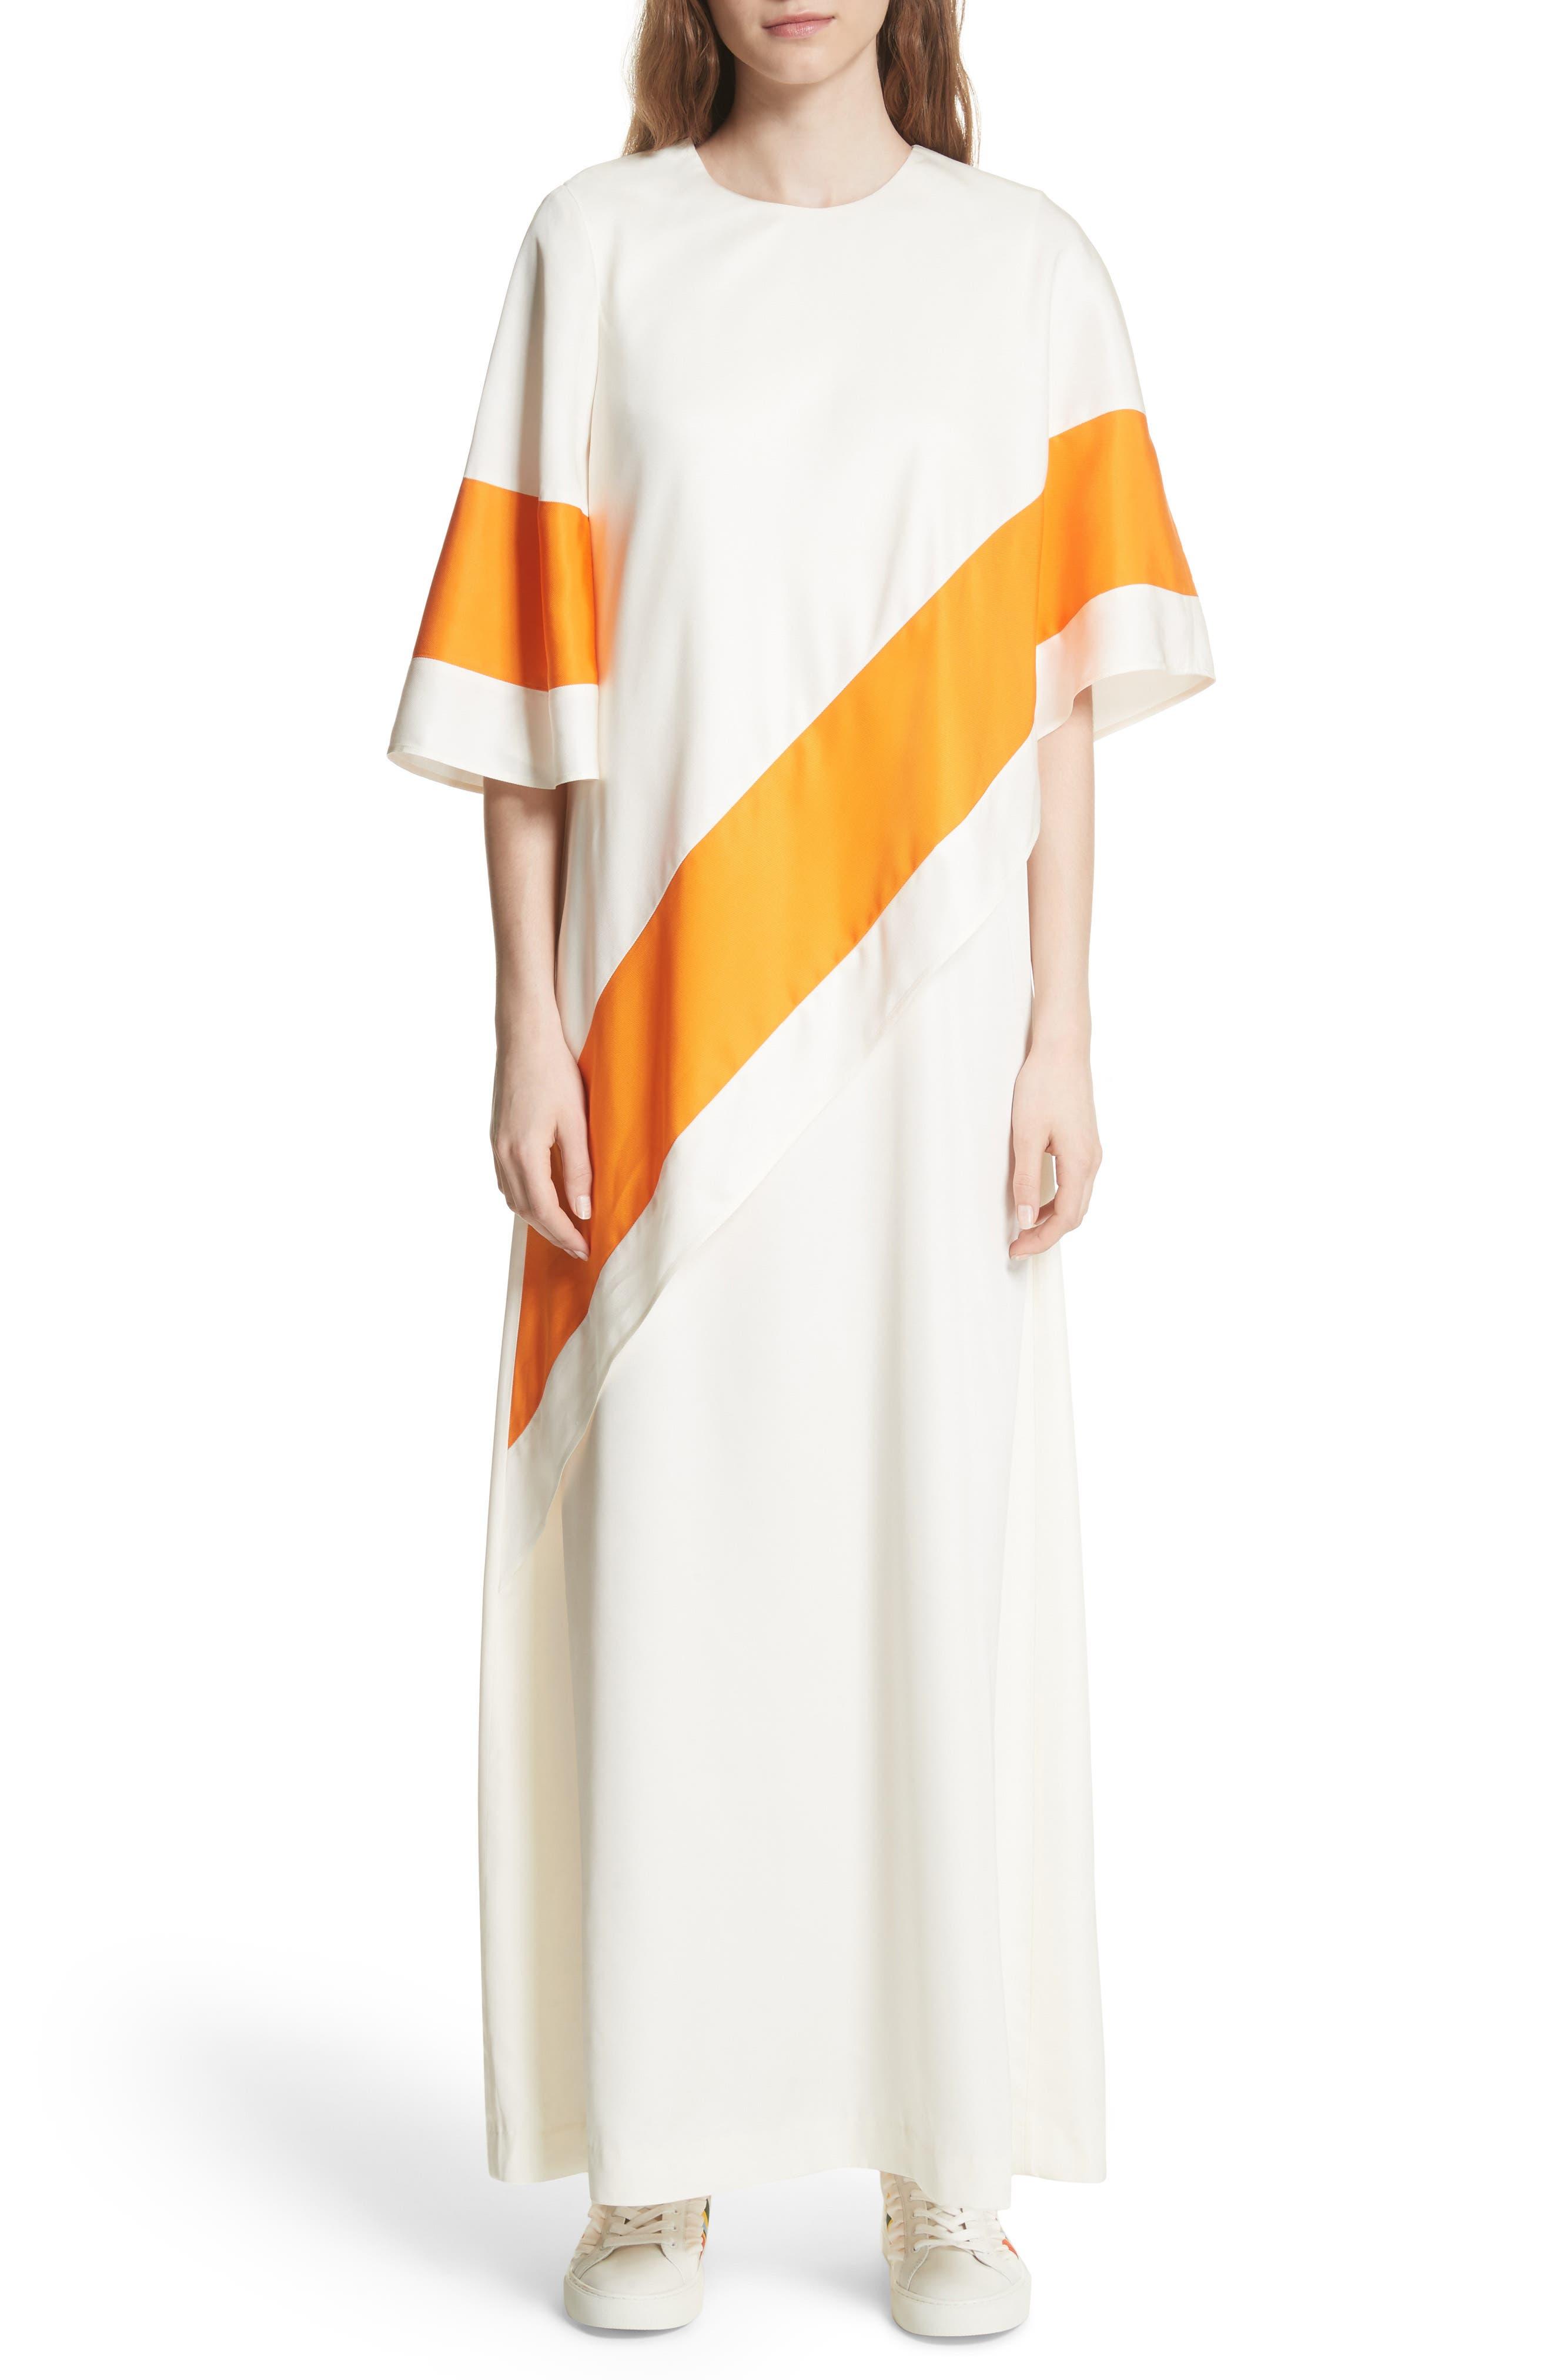 Ronnie Maxi Dress,                             Main thumbnail 1, color,                             104